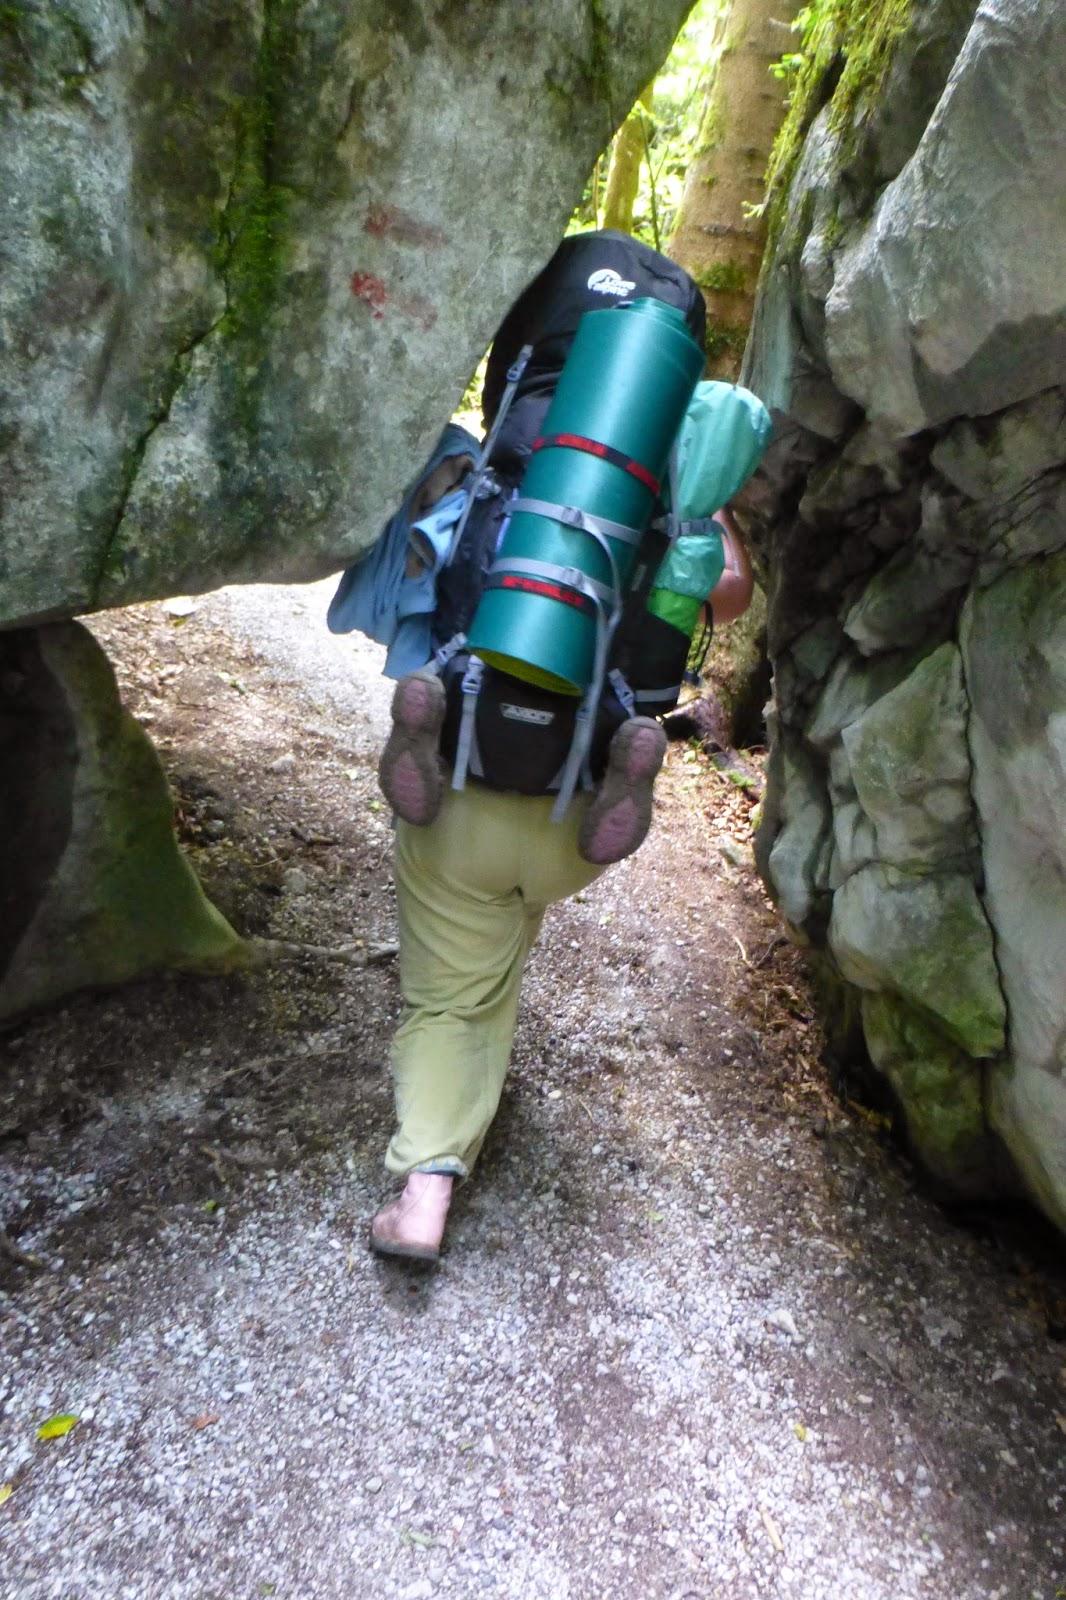 mit dem rucksack durch die steine